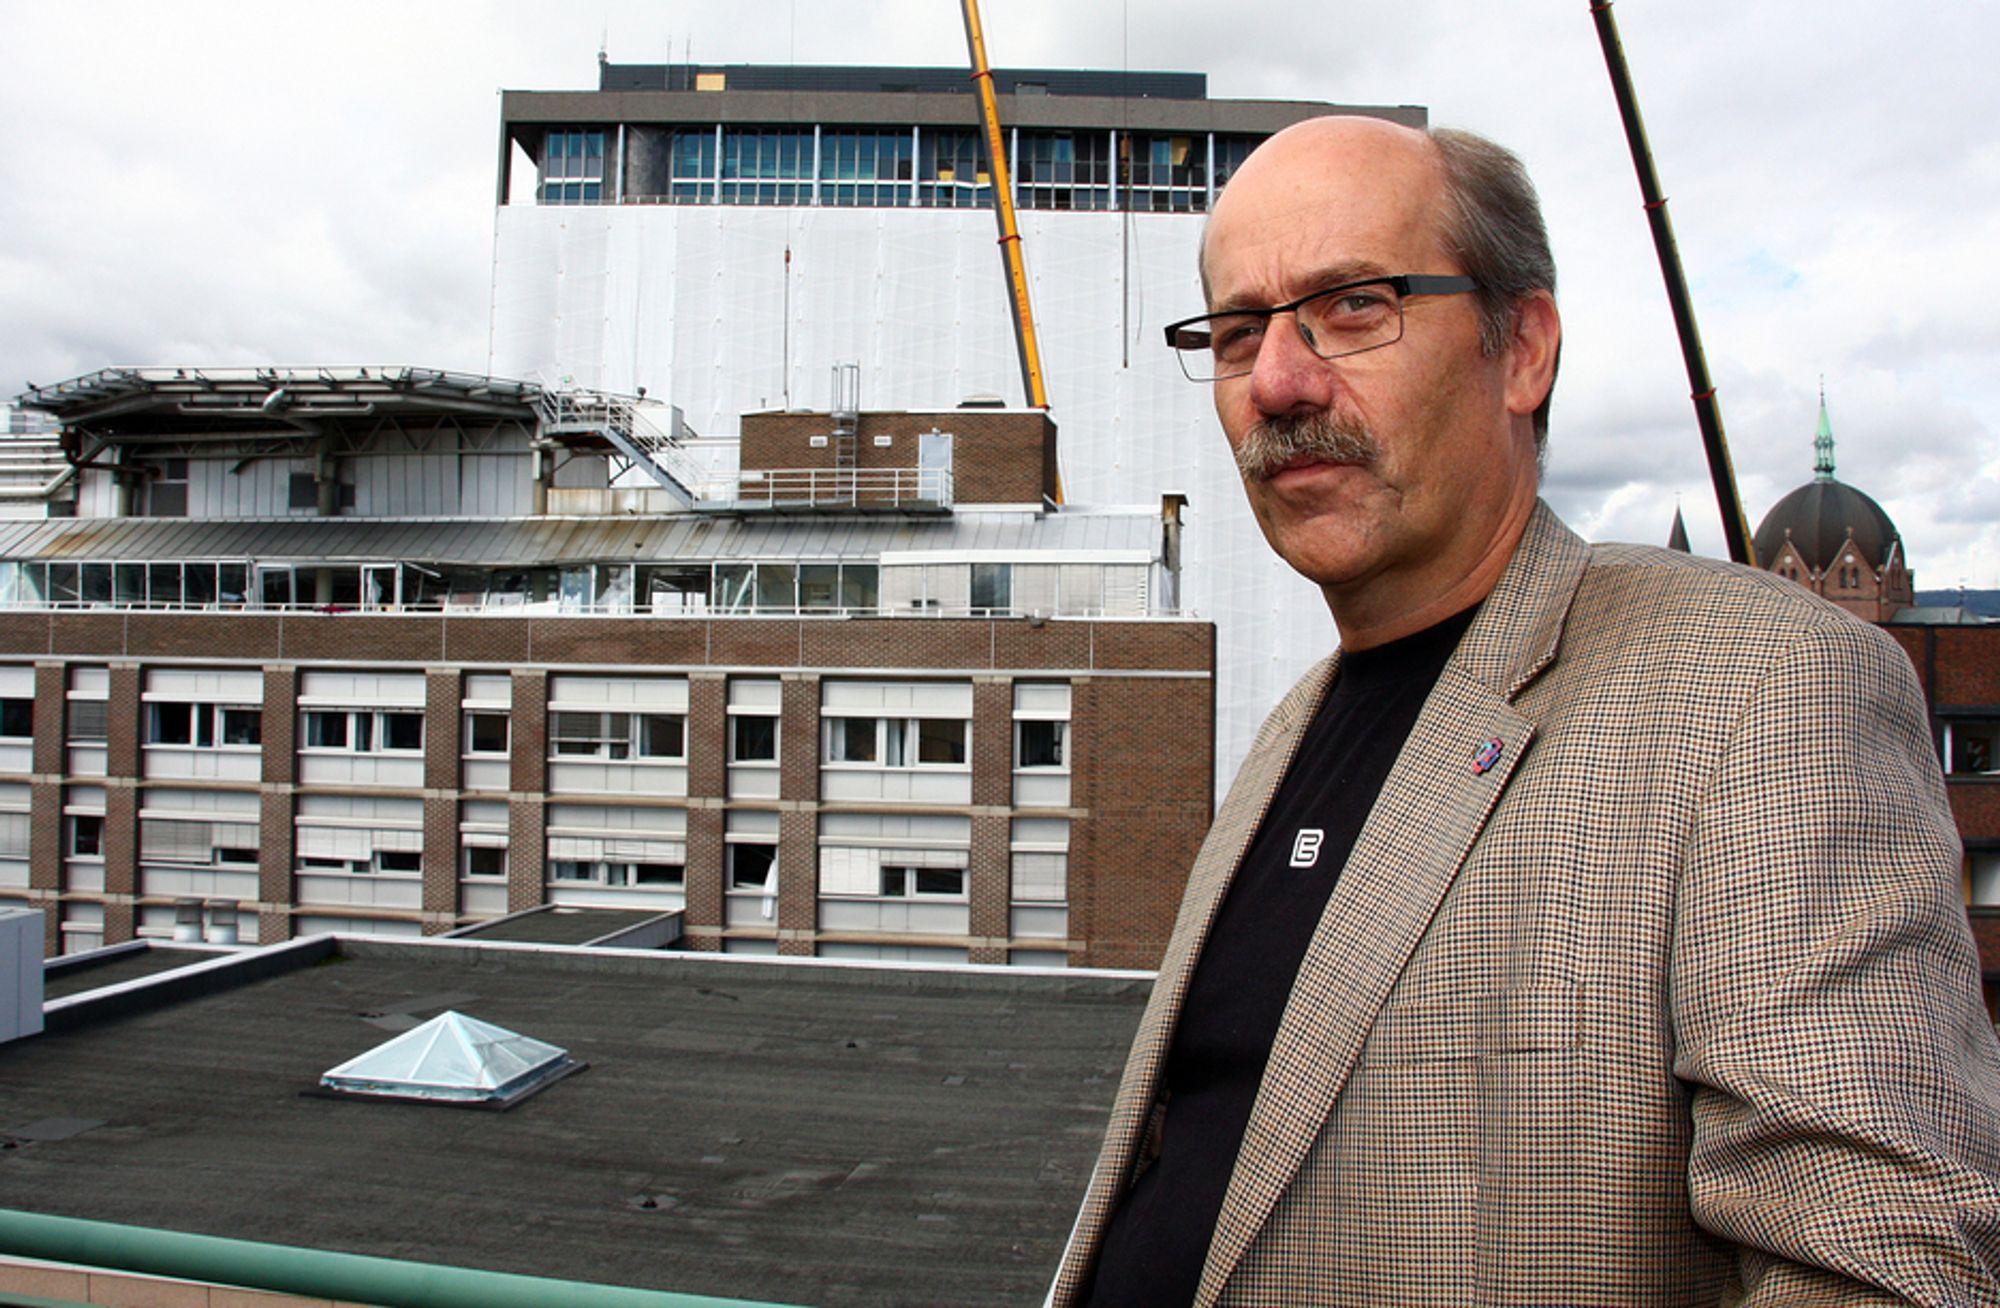 NÆRT: BEs kontorer ligger rett ved regjeringskvartalet. Morten Lie håper og tror at høyblokka kan restaureres. - Det er et flott bygg med symbolverdi, sier han.